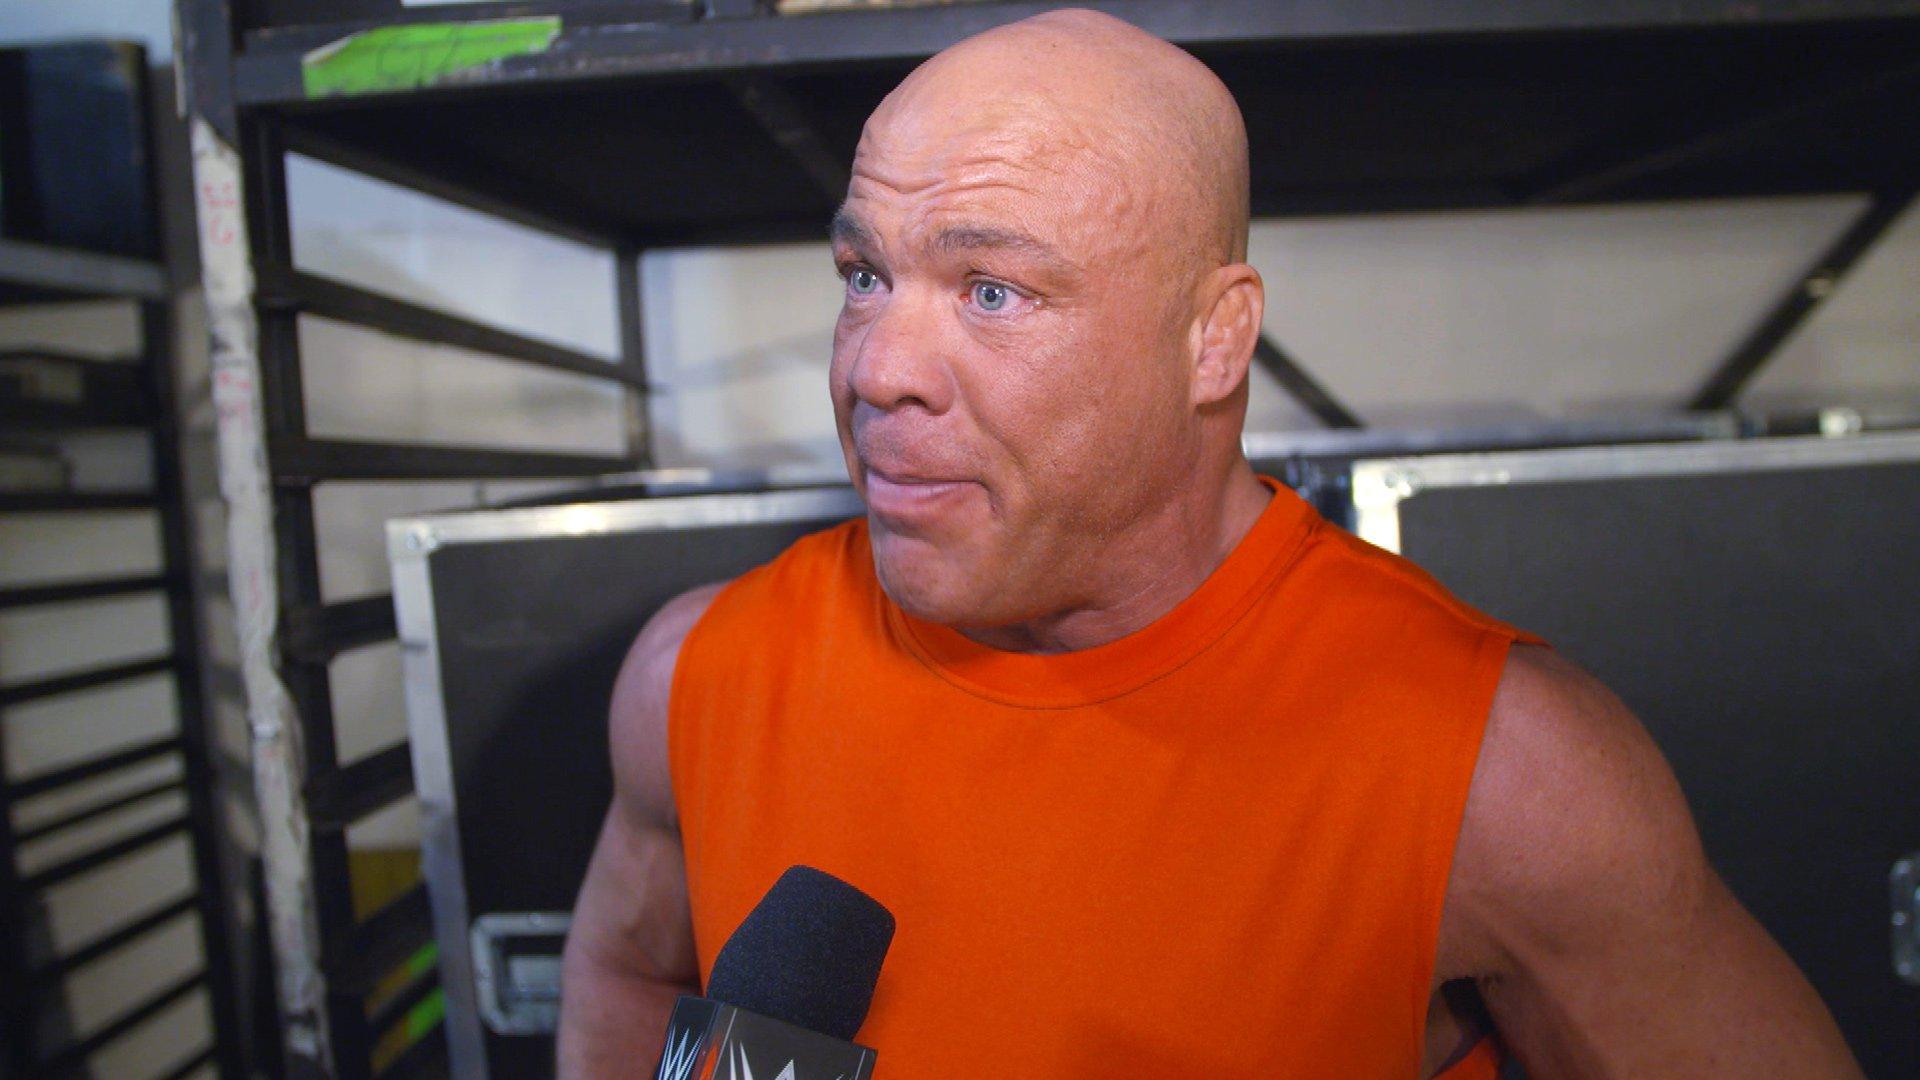 Kurt Angle explique pourquoi il a choisi d'affronter Chad Gable dans sa tournée d'adieu: Exclusivité WWE.fr, 18 Mars 2019